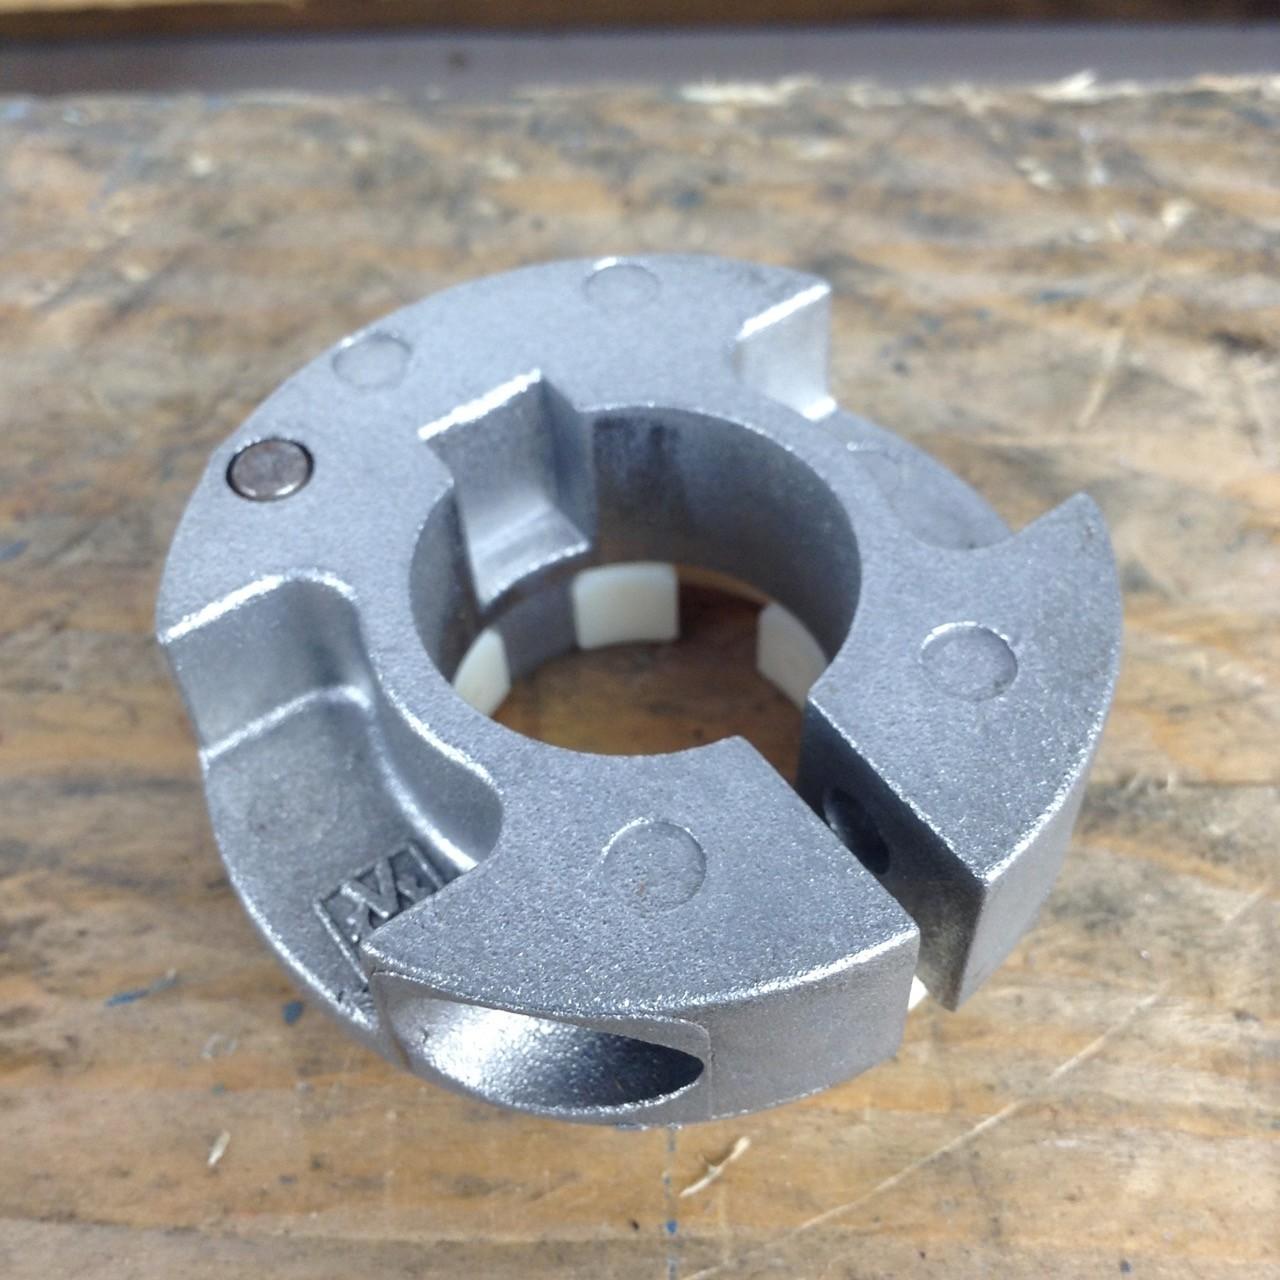 KG6.028 Varvel Flexible coupling